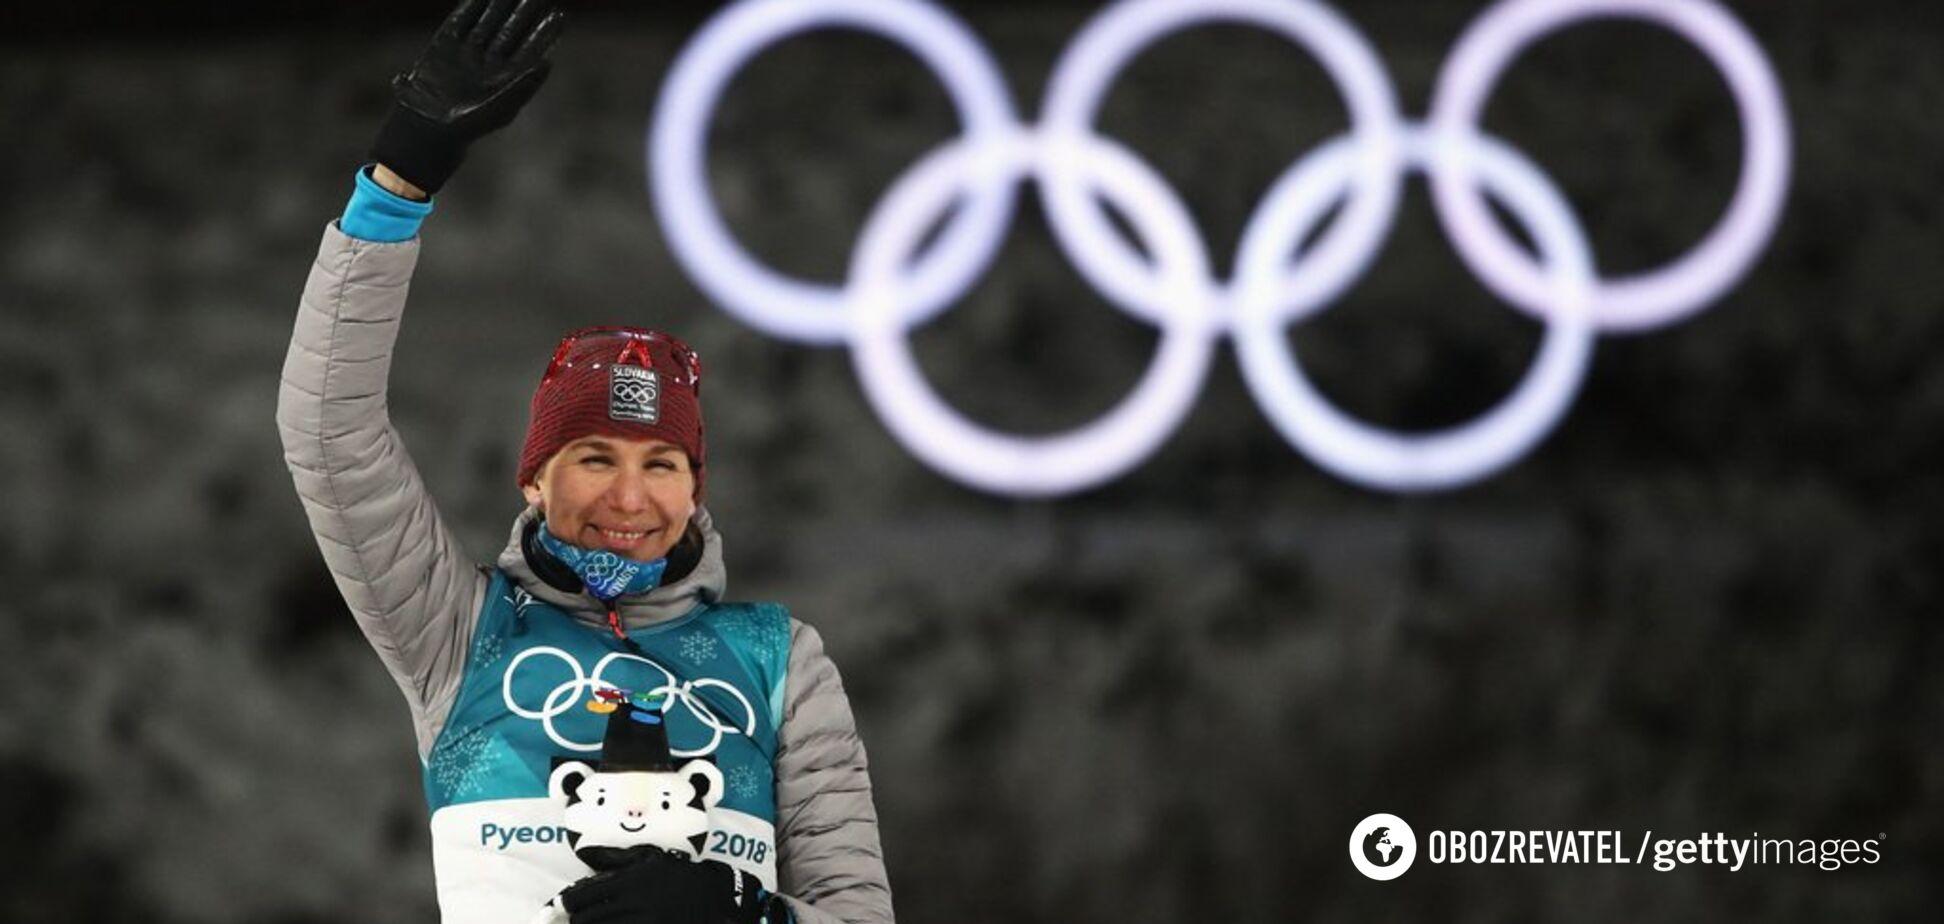 Трехкратная олимпийская чемпионка по биатлону неожиданно завершила карьеру